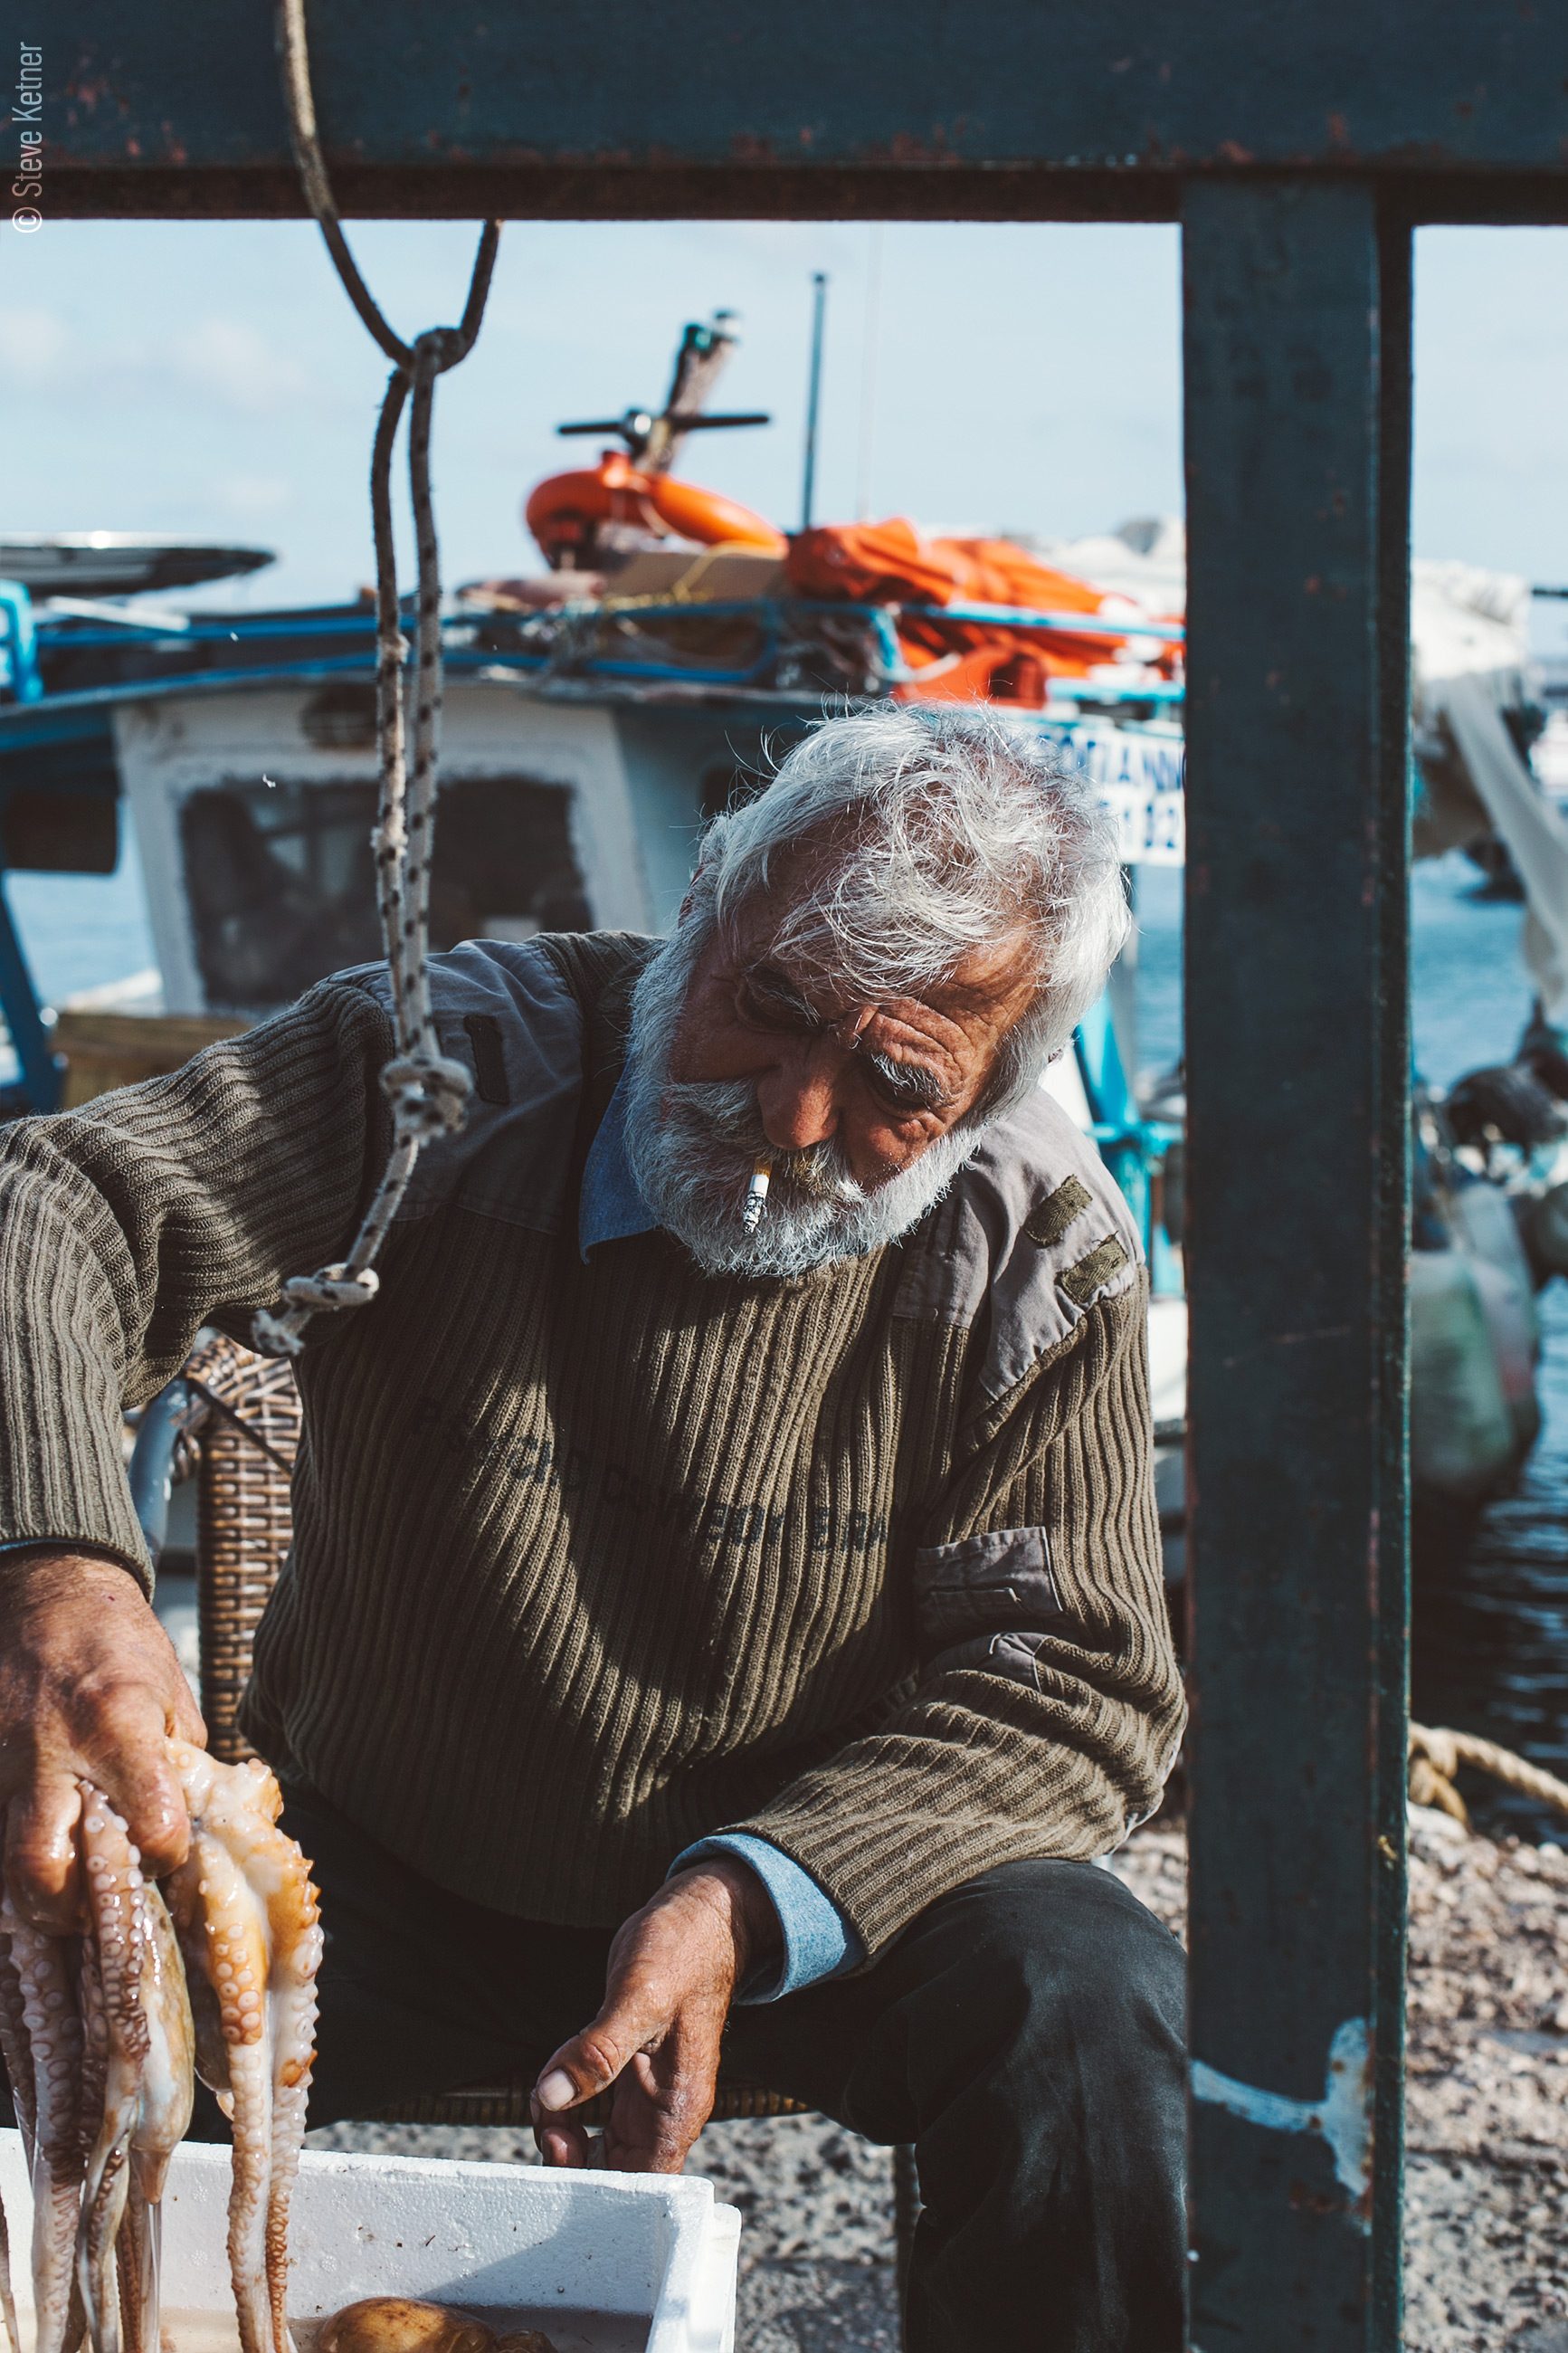 Steve Ketner - Varkiza, Greece